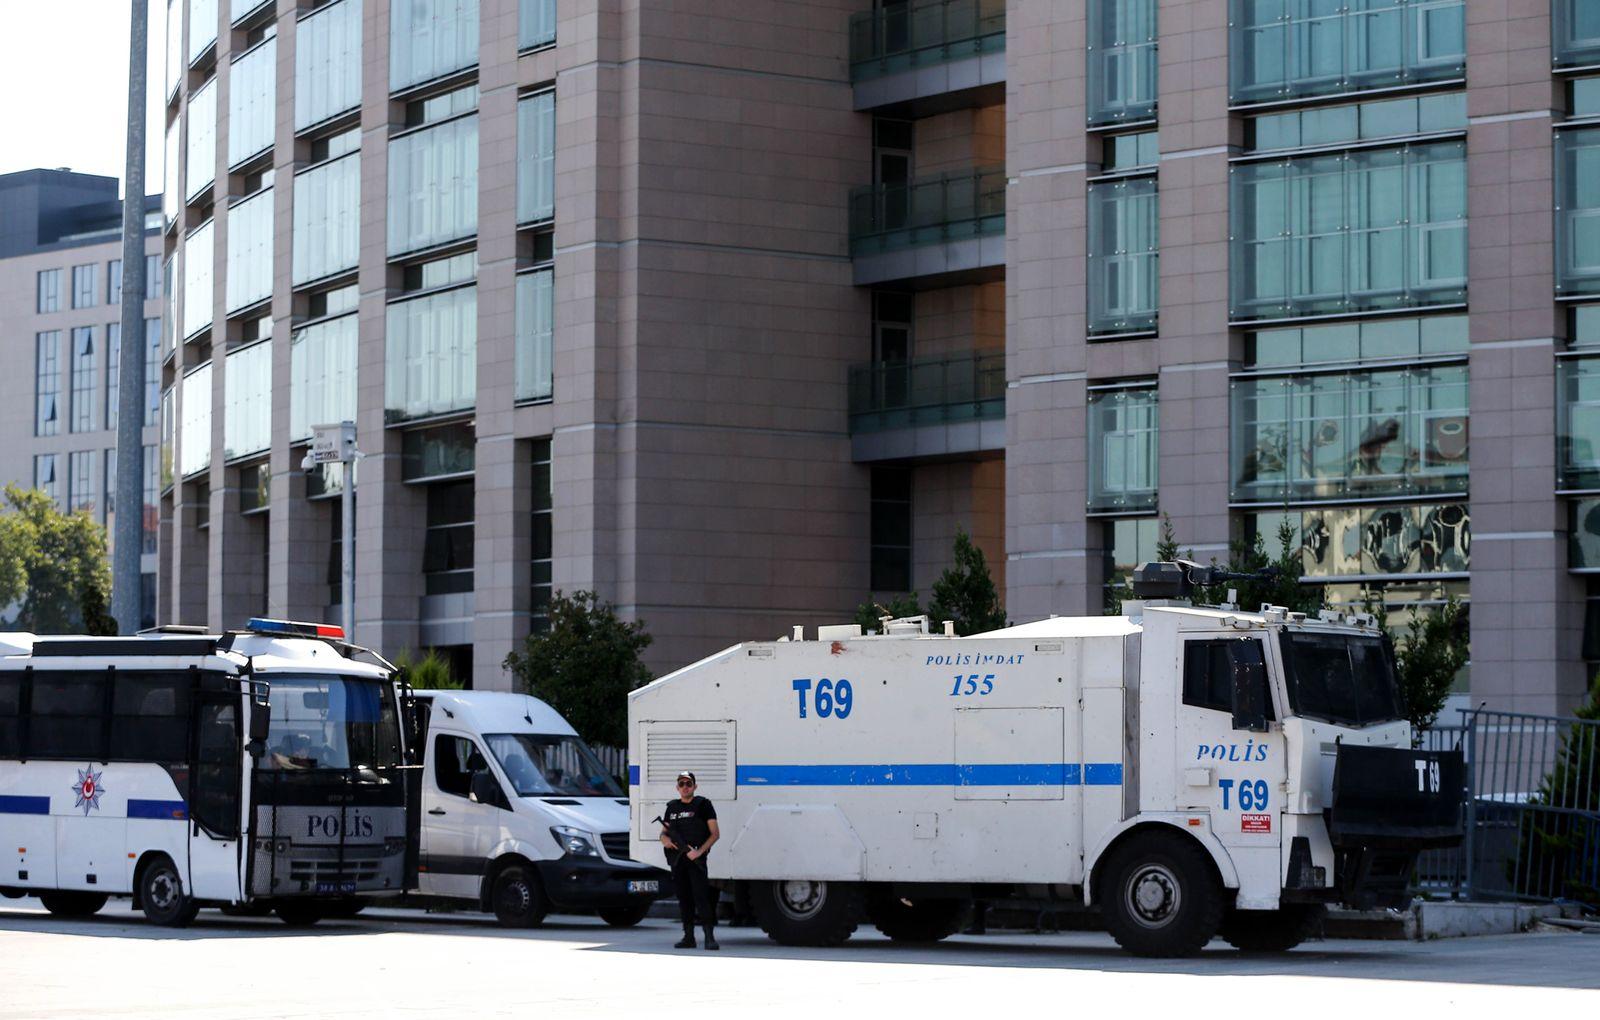 Polizei/ Türkei / Pressefreiheit